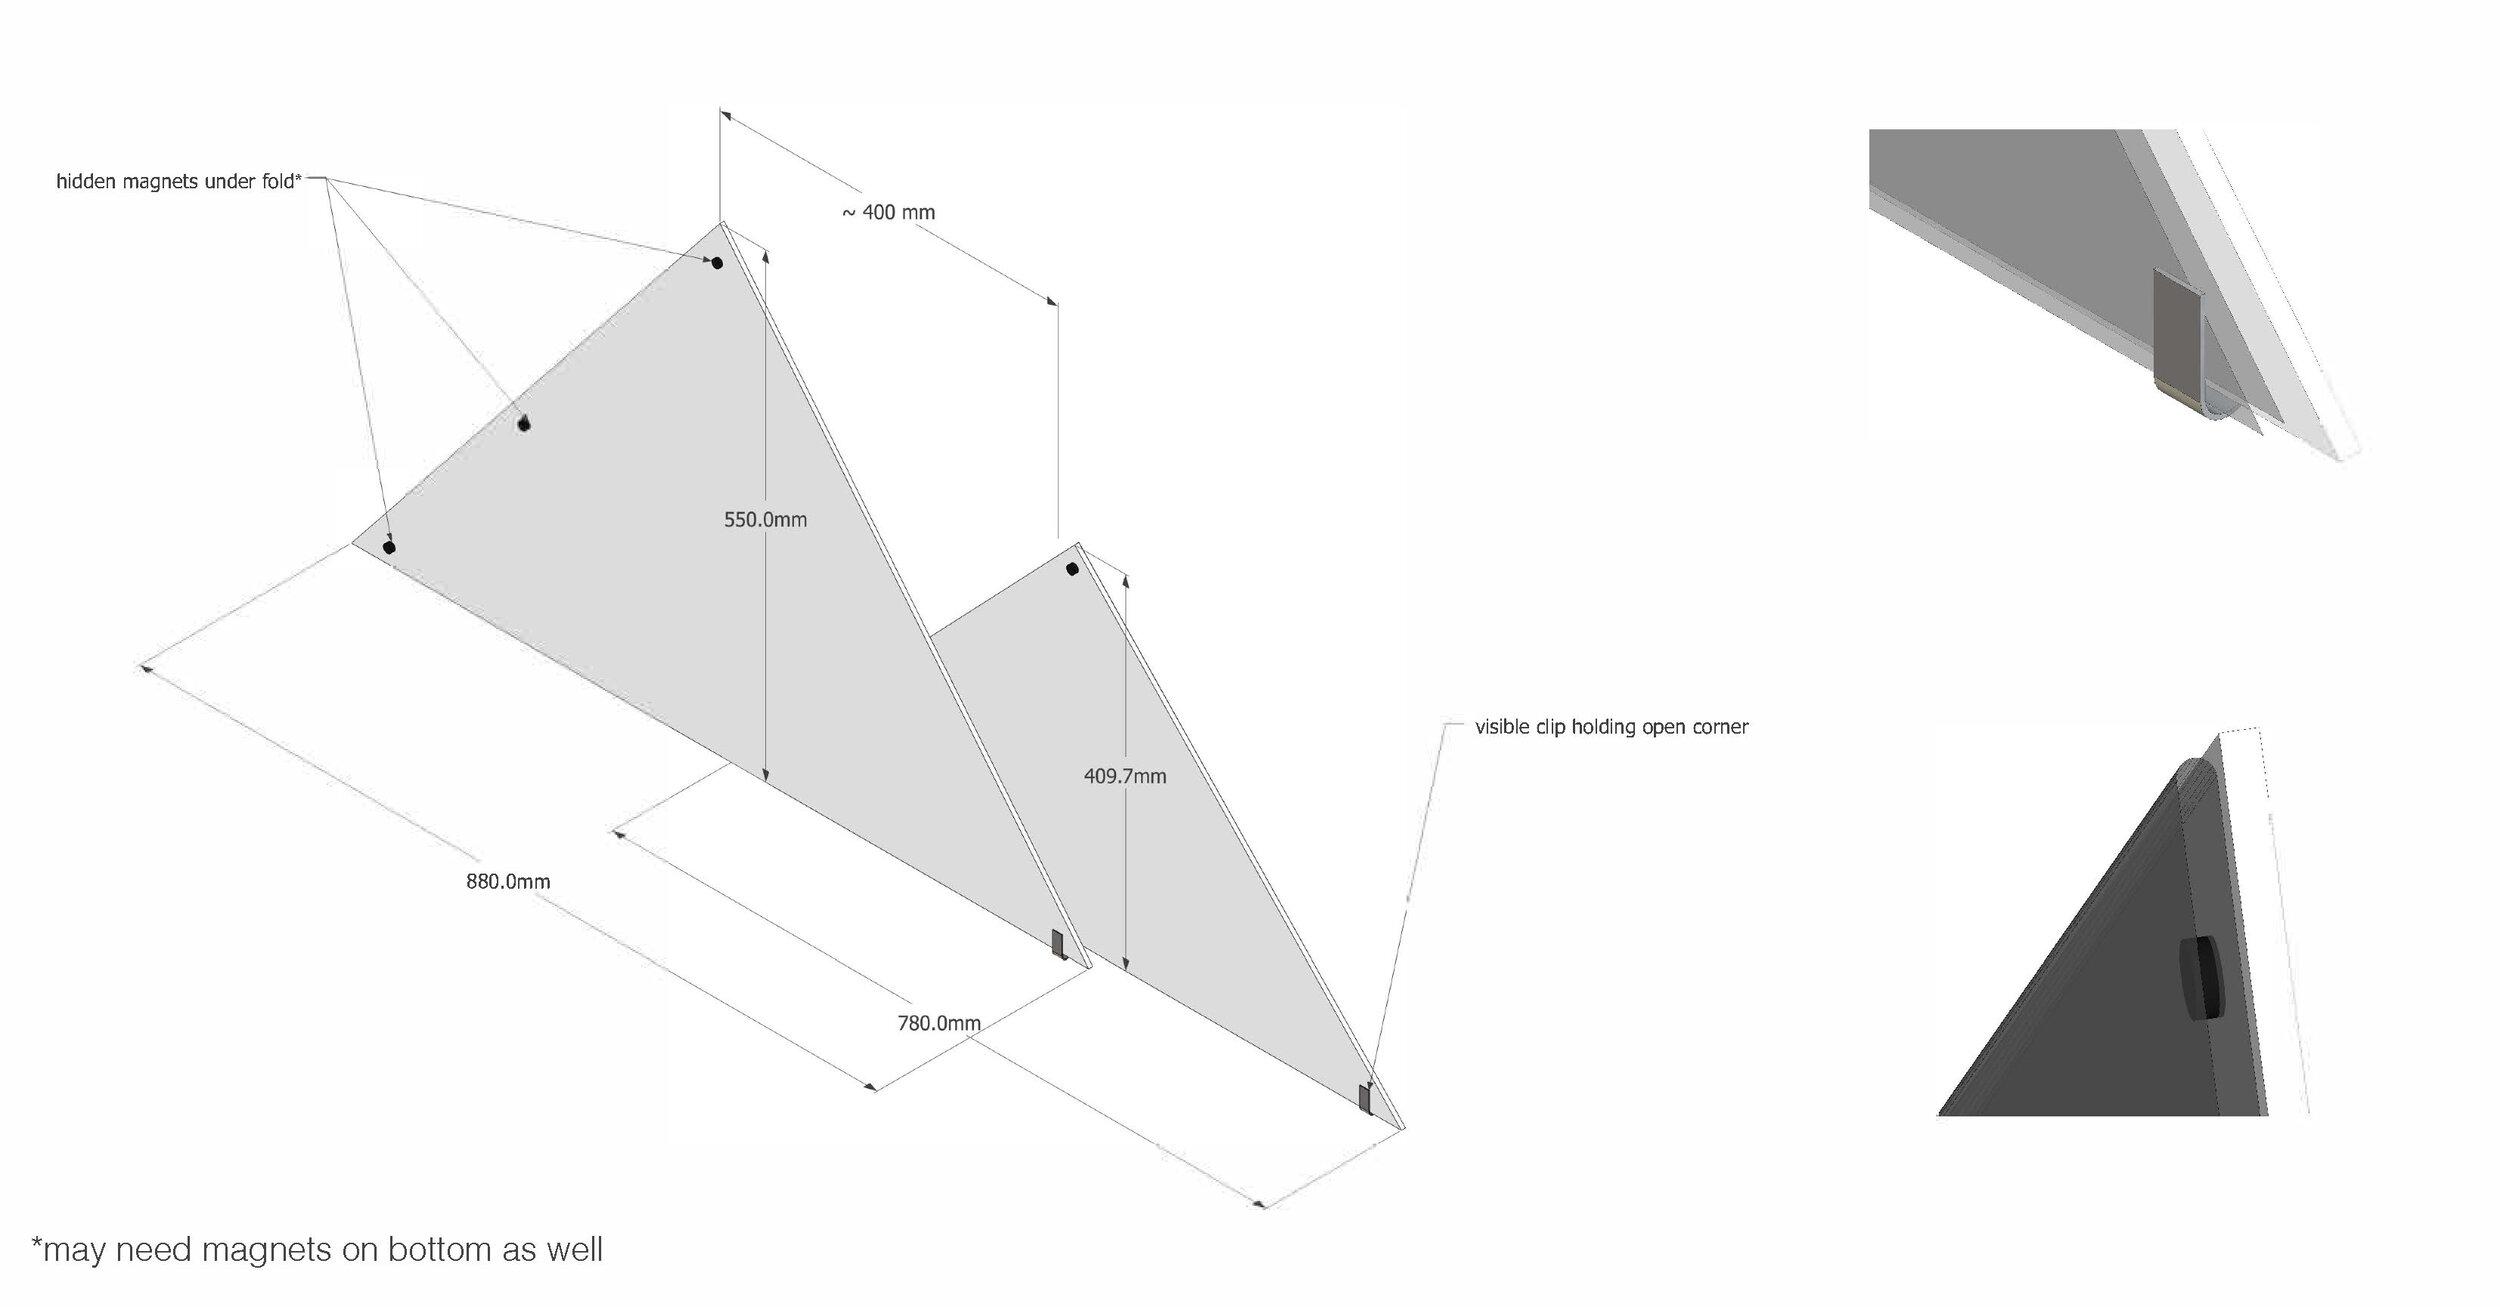 Hermès_Dimensions_Window 2_Revised_Page_2.jpg